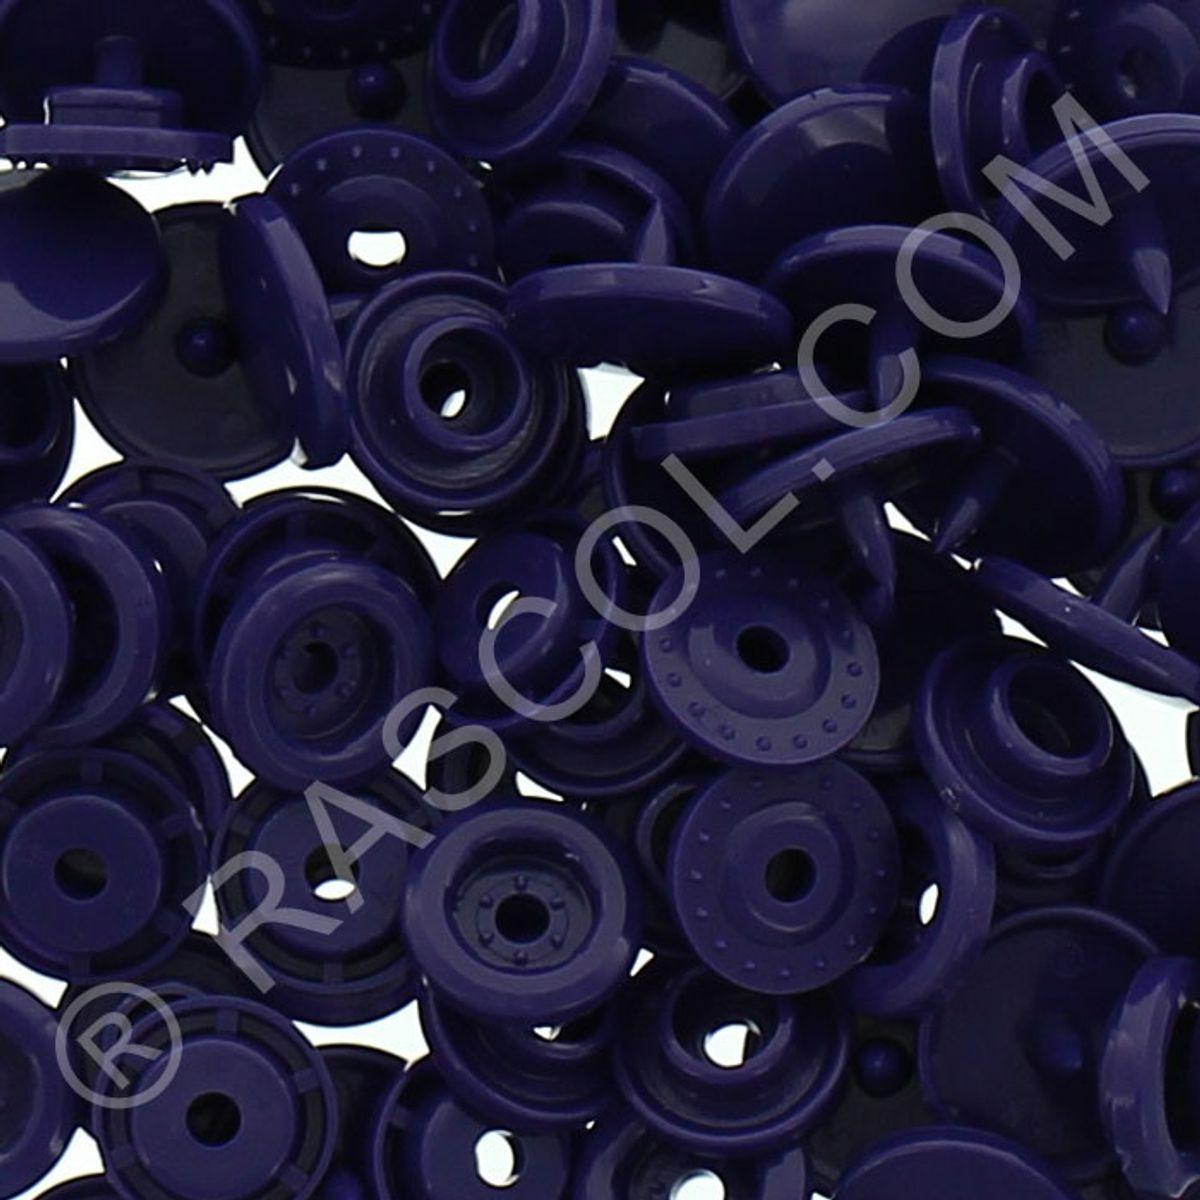 Sachet de 25 pressions résine KAM ronds - Violet foncé